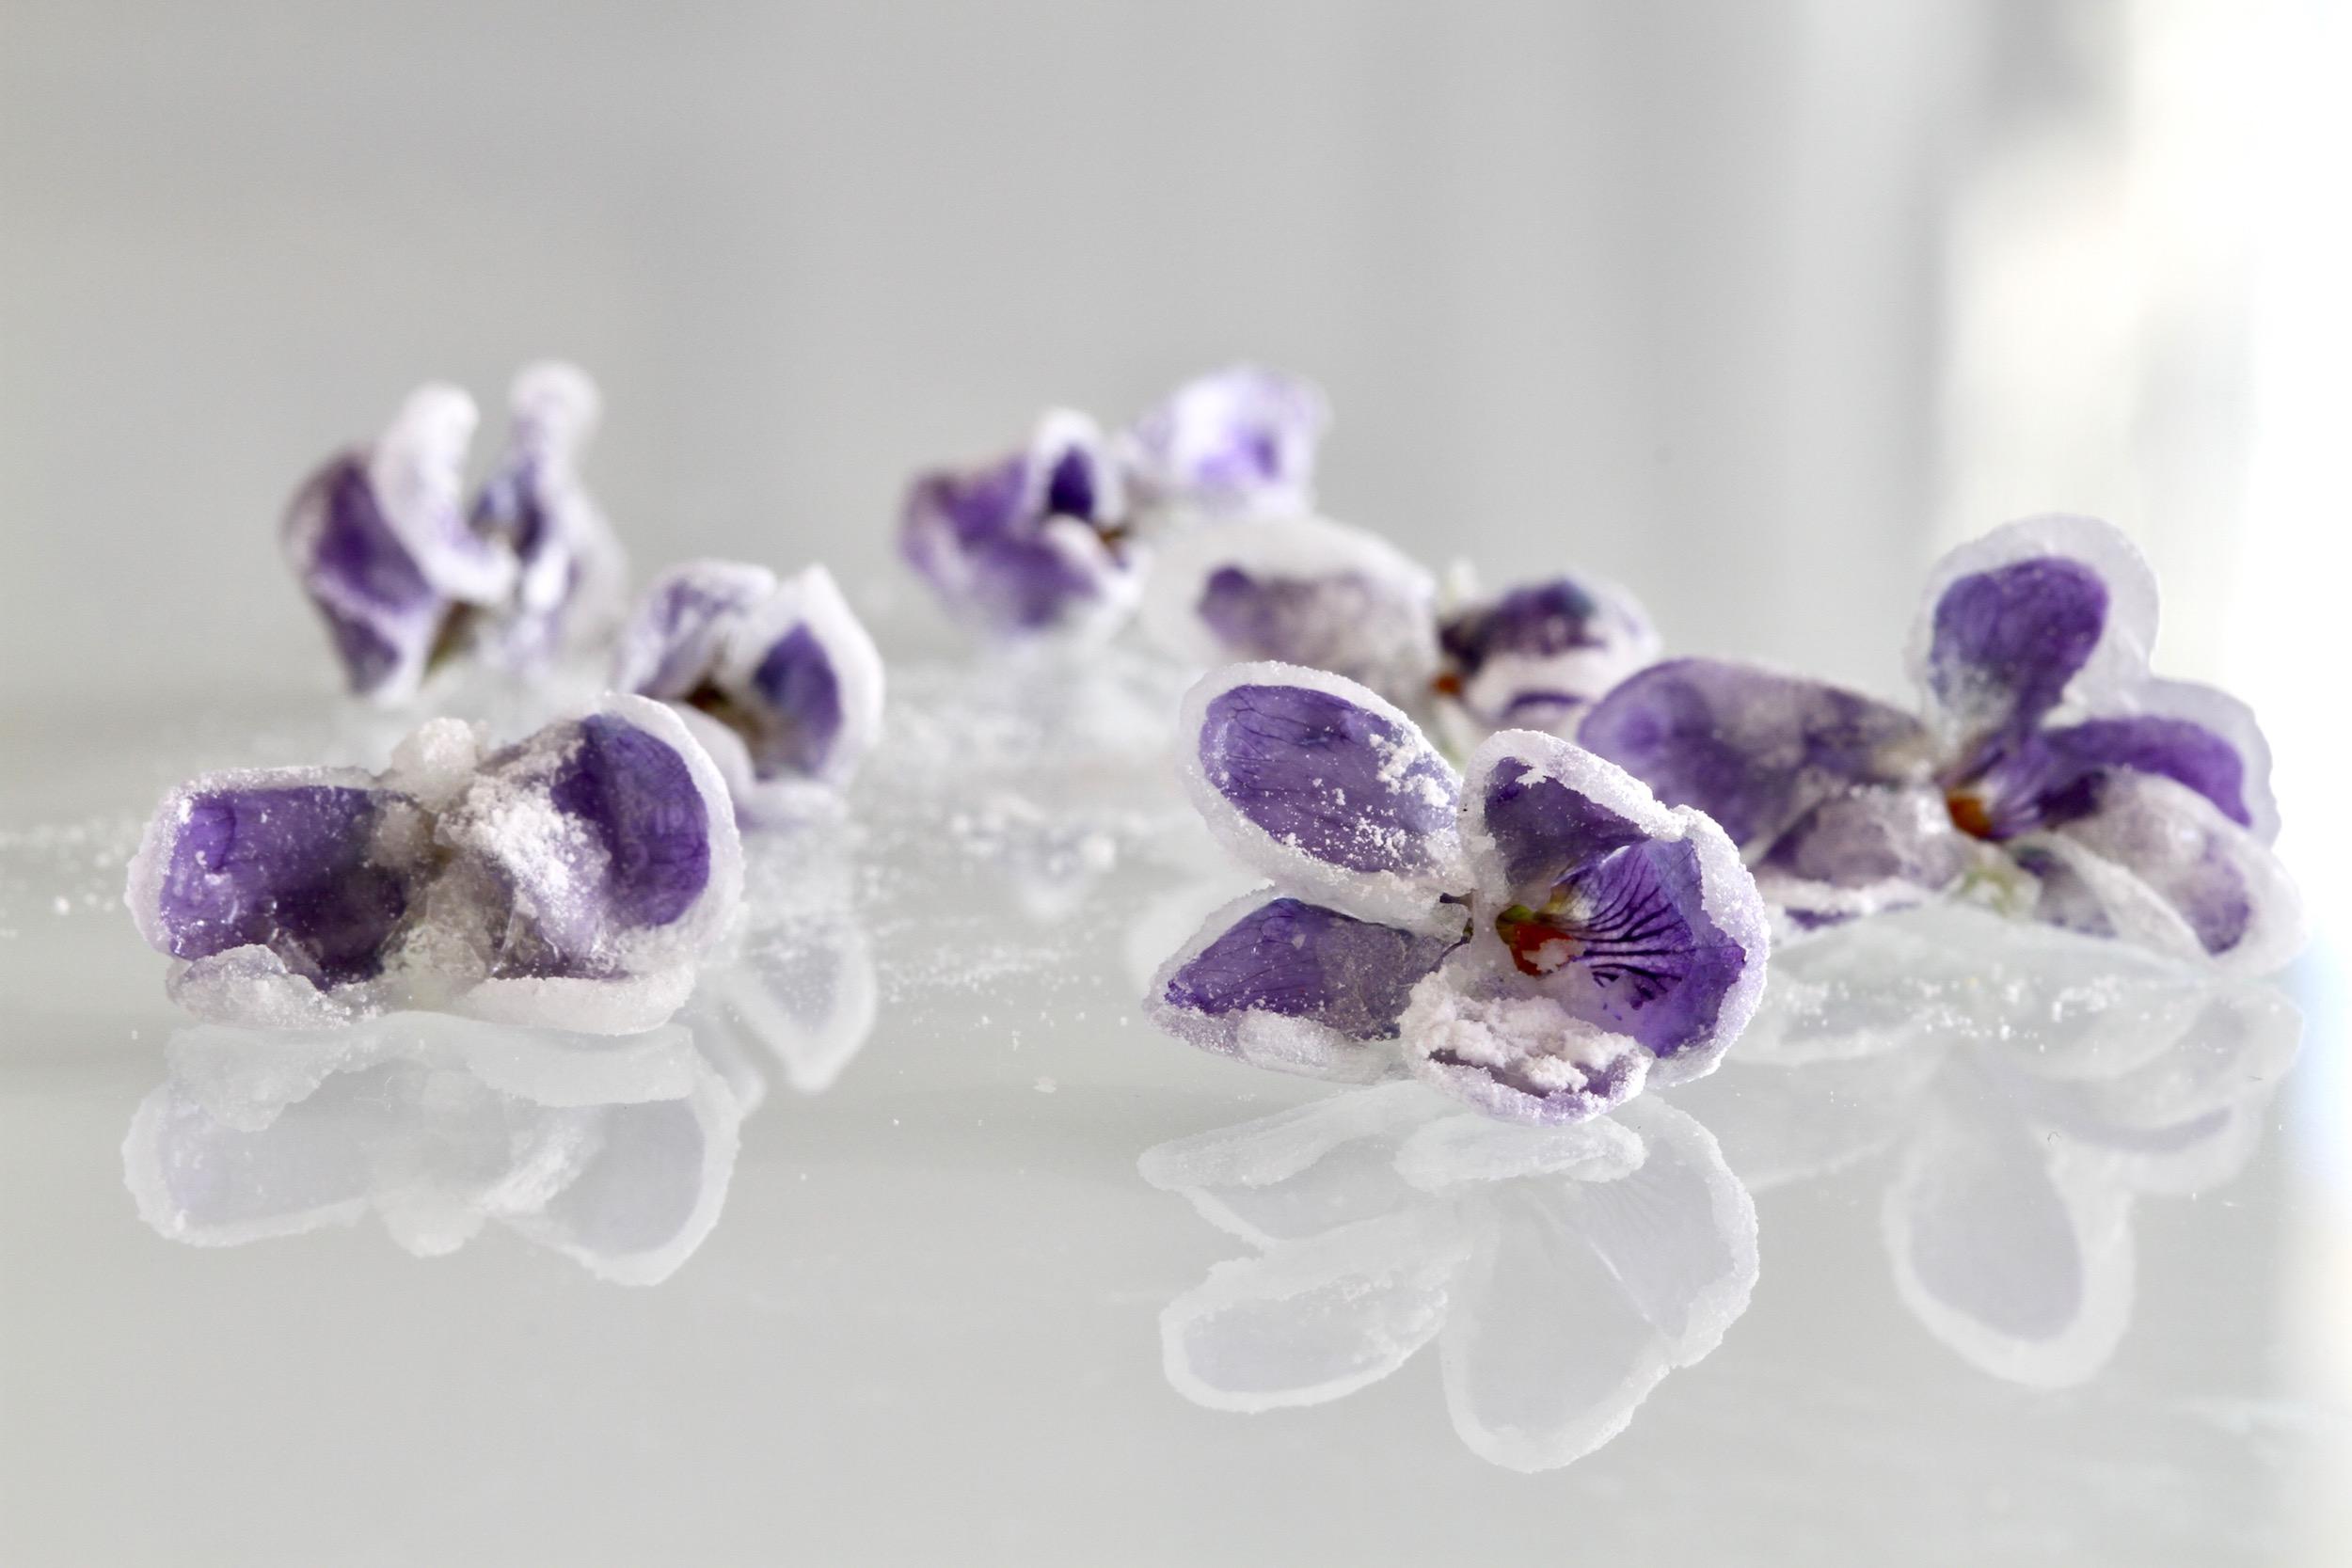 Kandiserede violer. Nem kagepynt fra Bagvrk.dk.